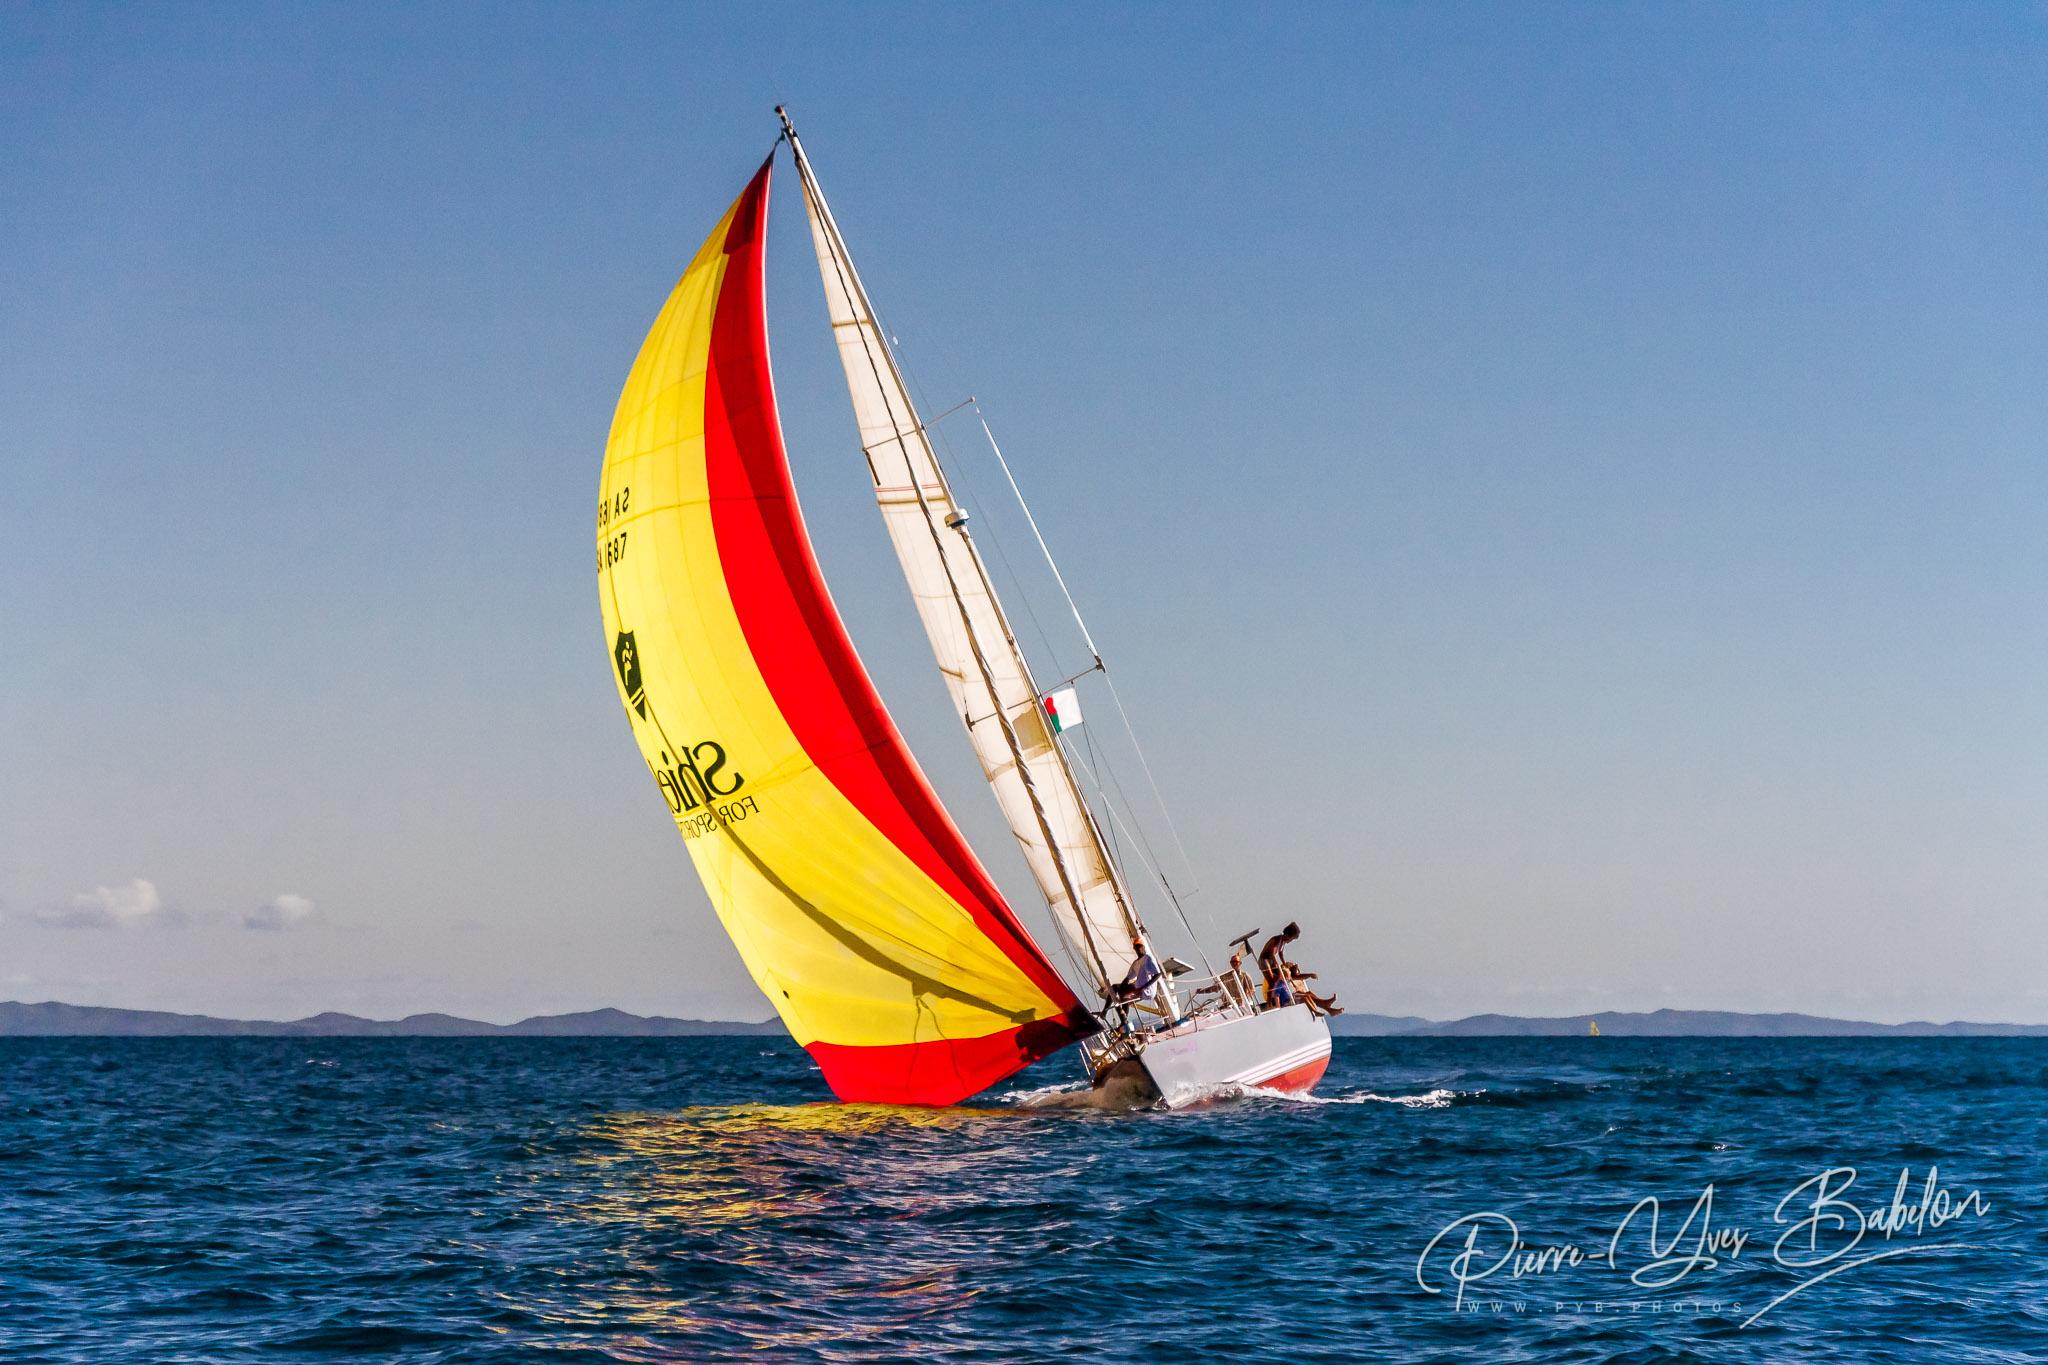 Yachtsman team sailing